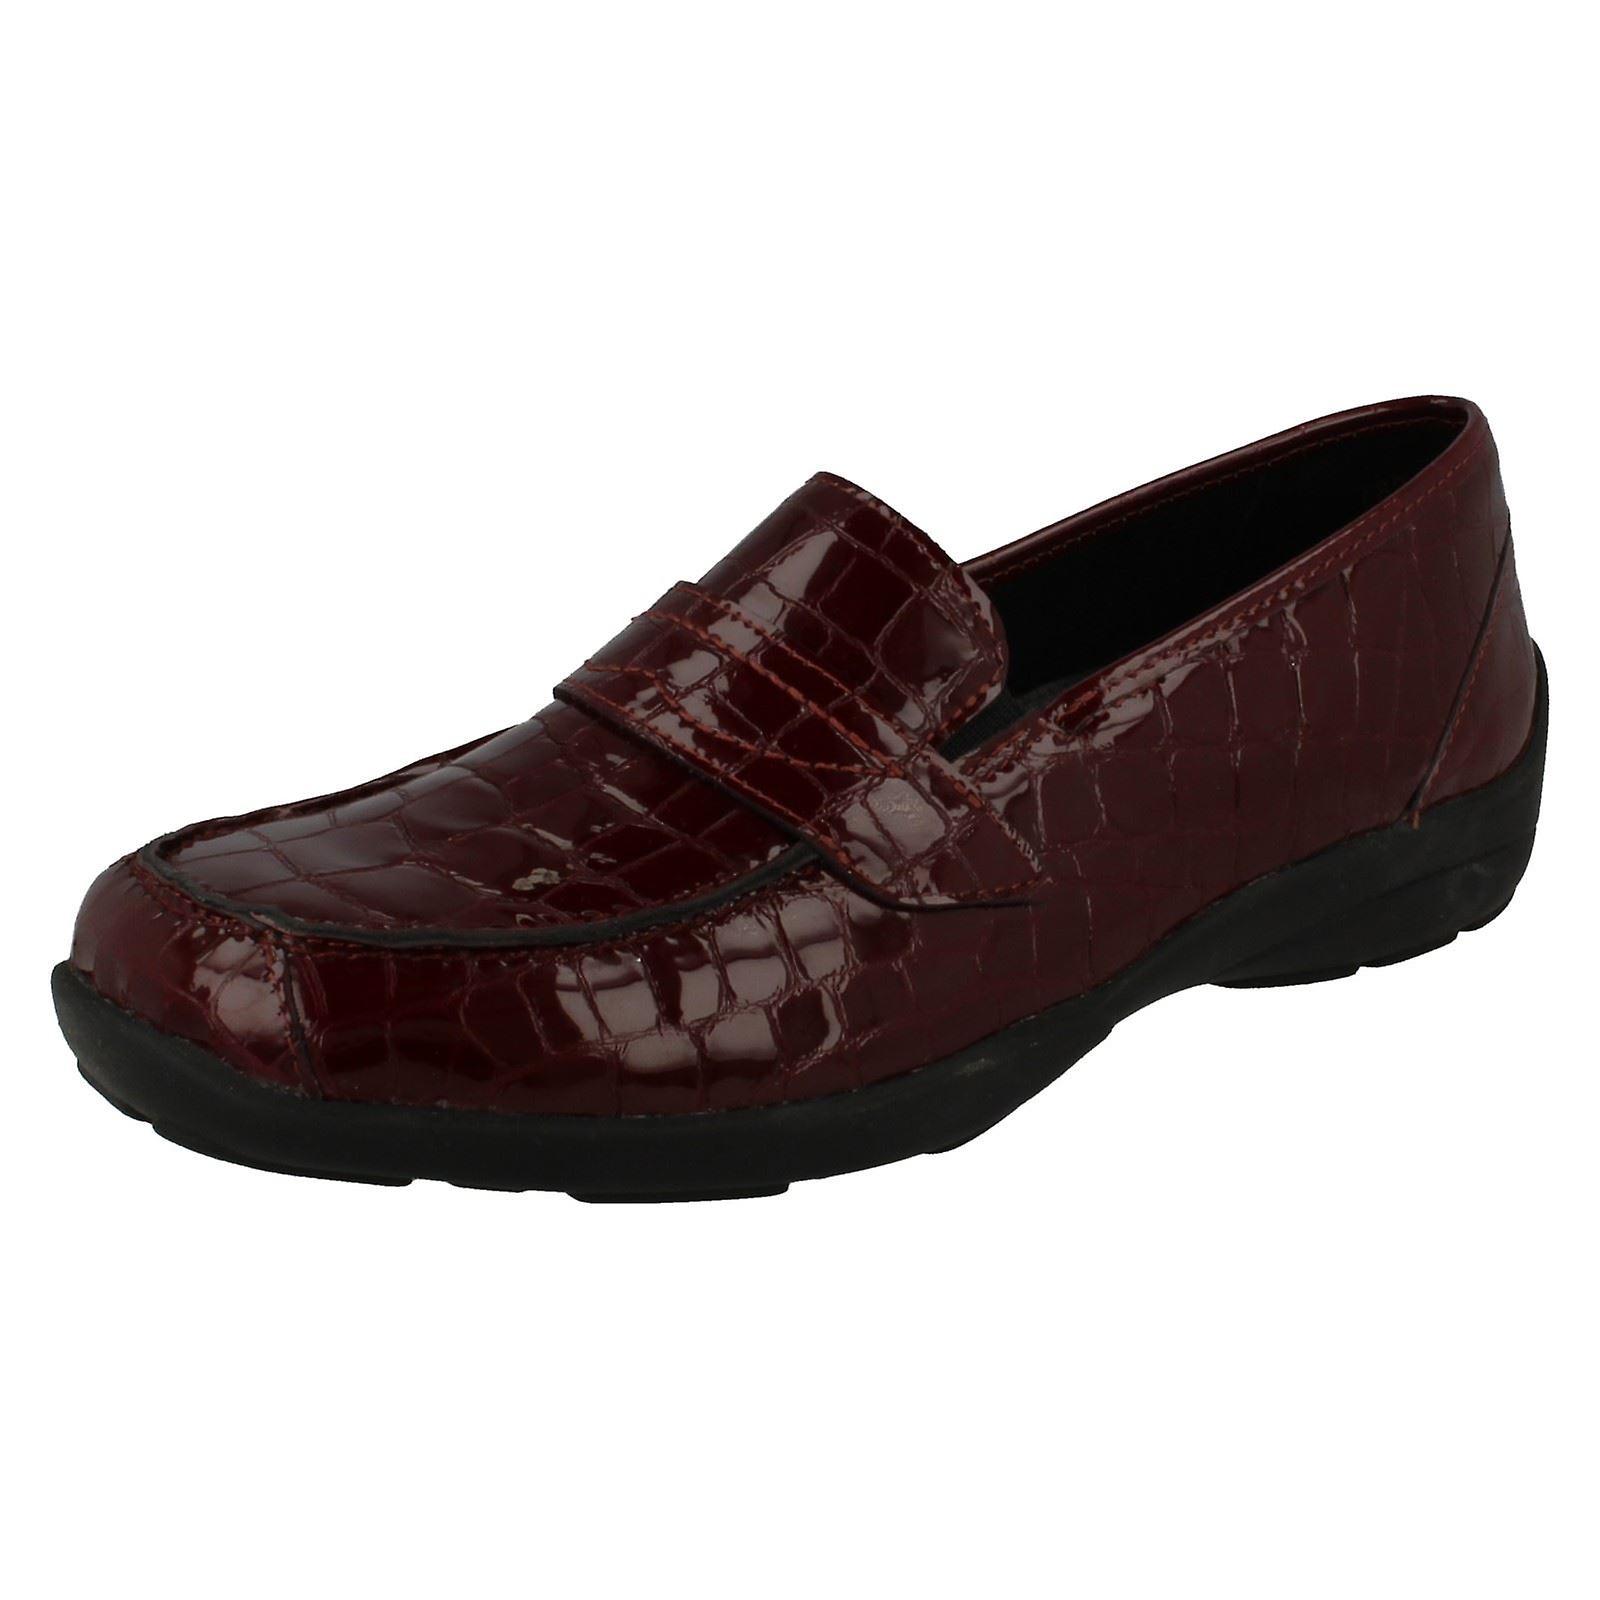 Panie B łatwe dorywczo Slip On buty Brisbane Ysvsi